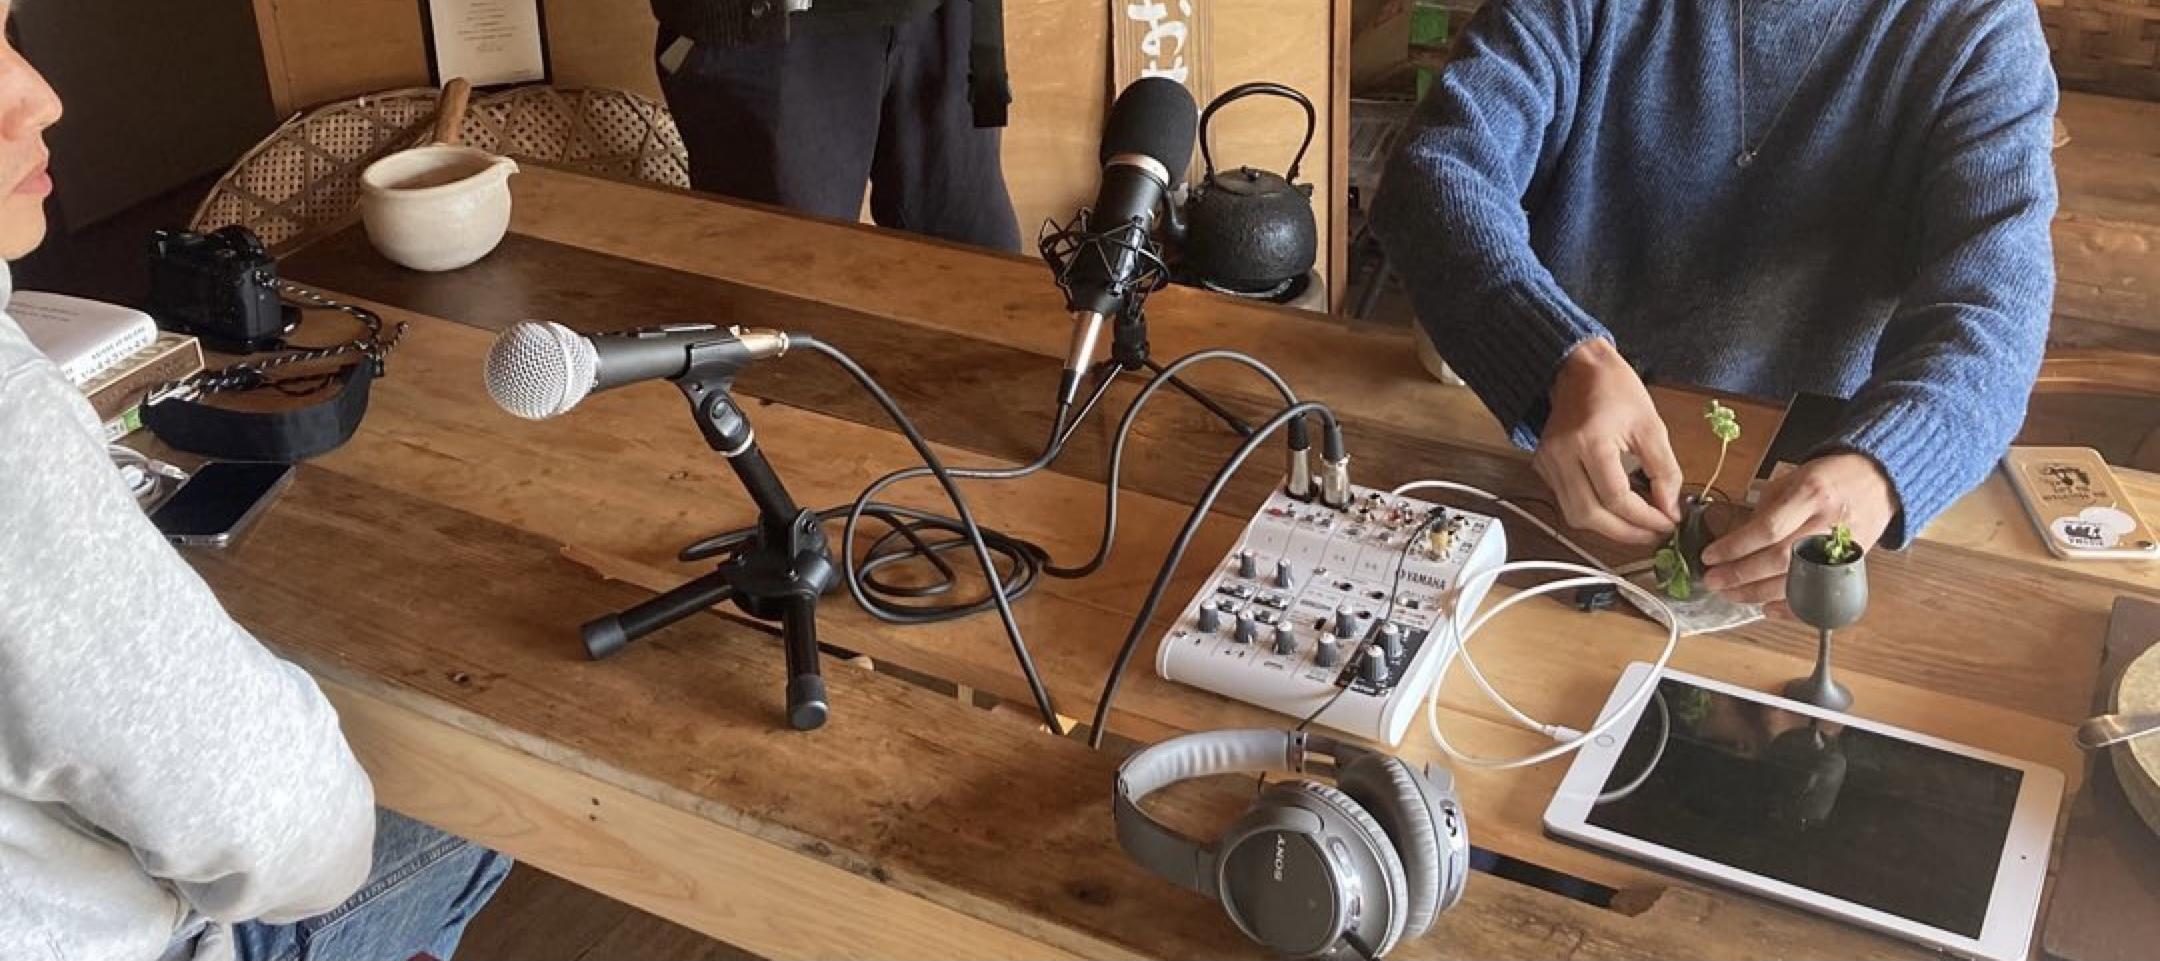 ラジオはじめました!📻⚡️